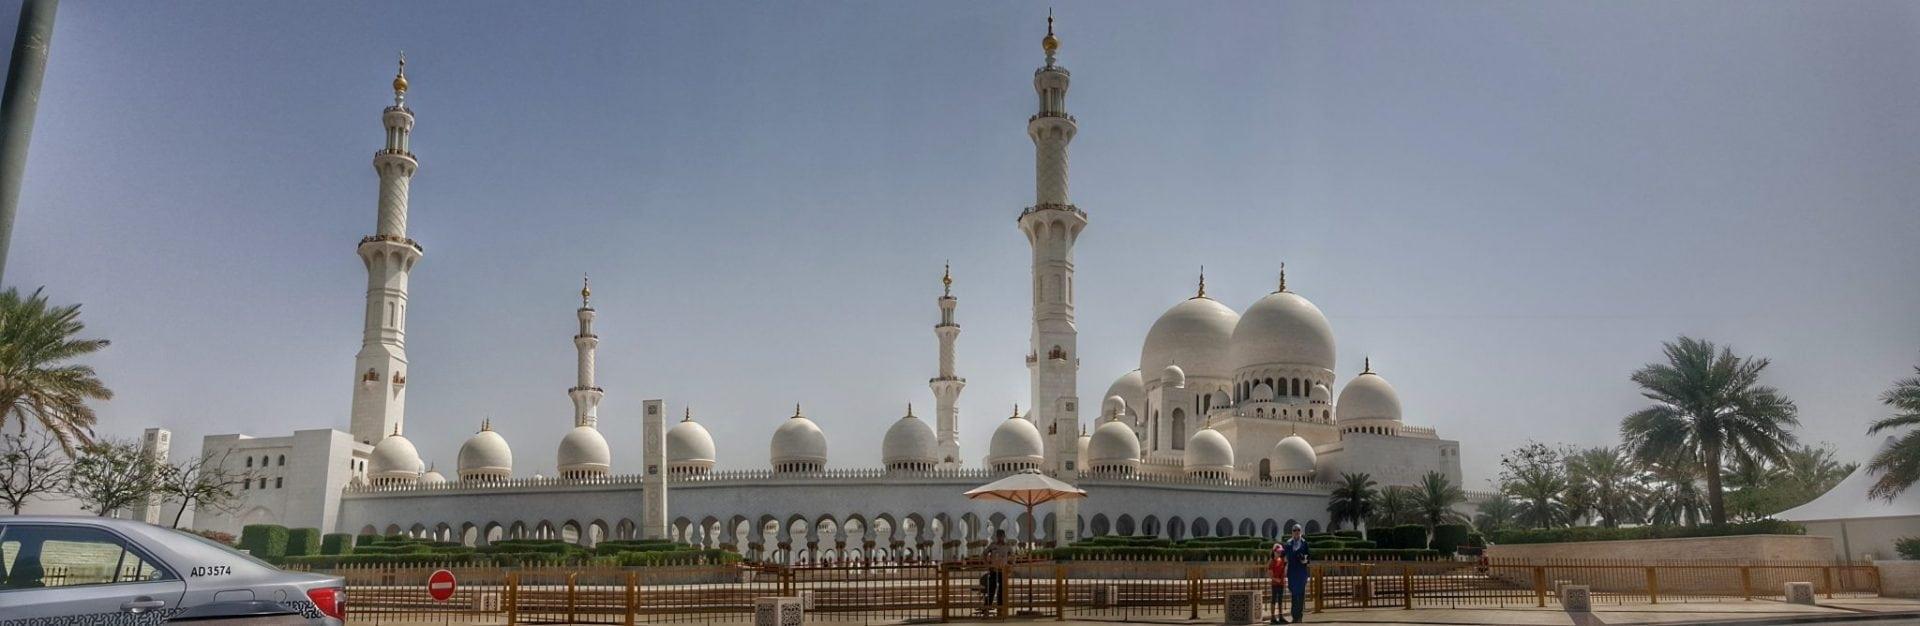 جامع الشيخ زايد - مكان يفوق الخيال